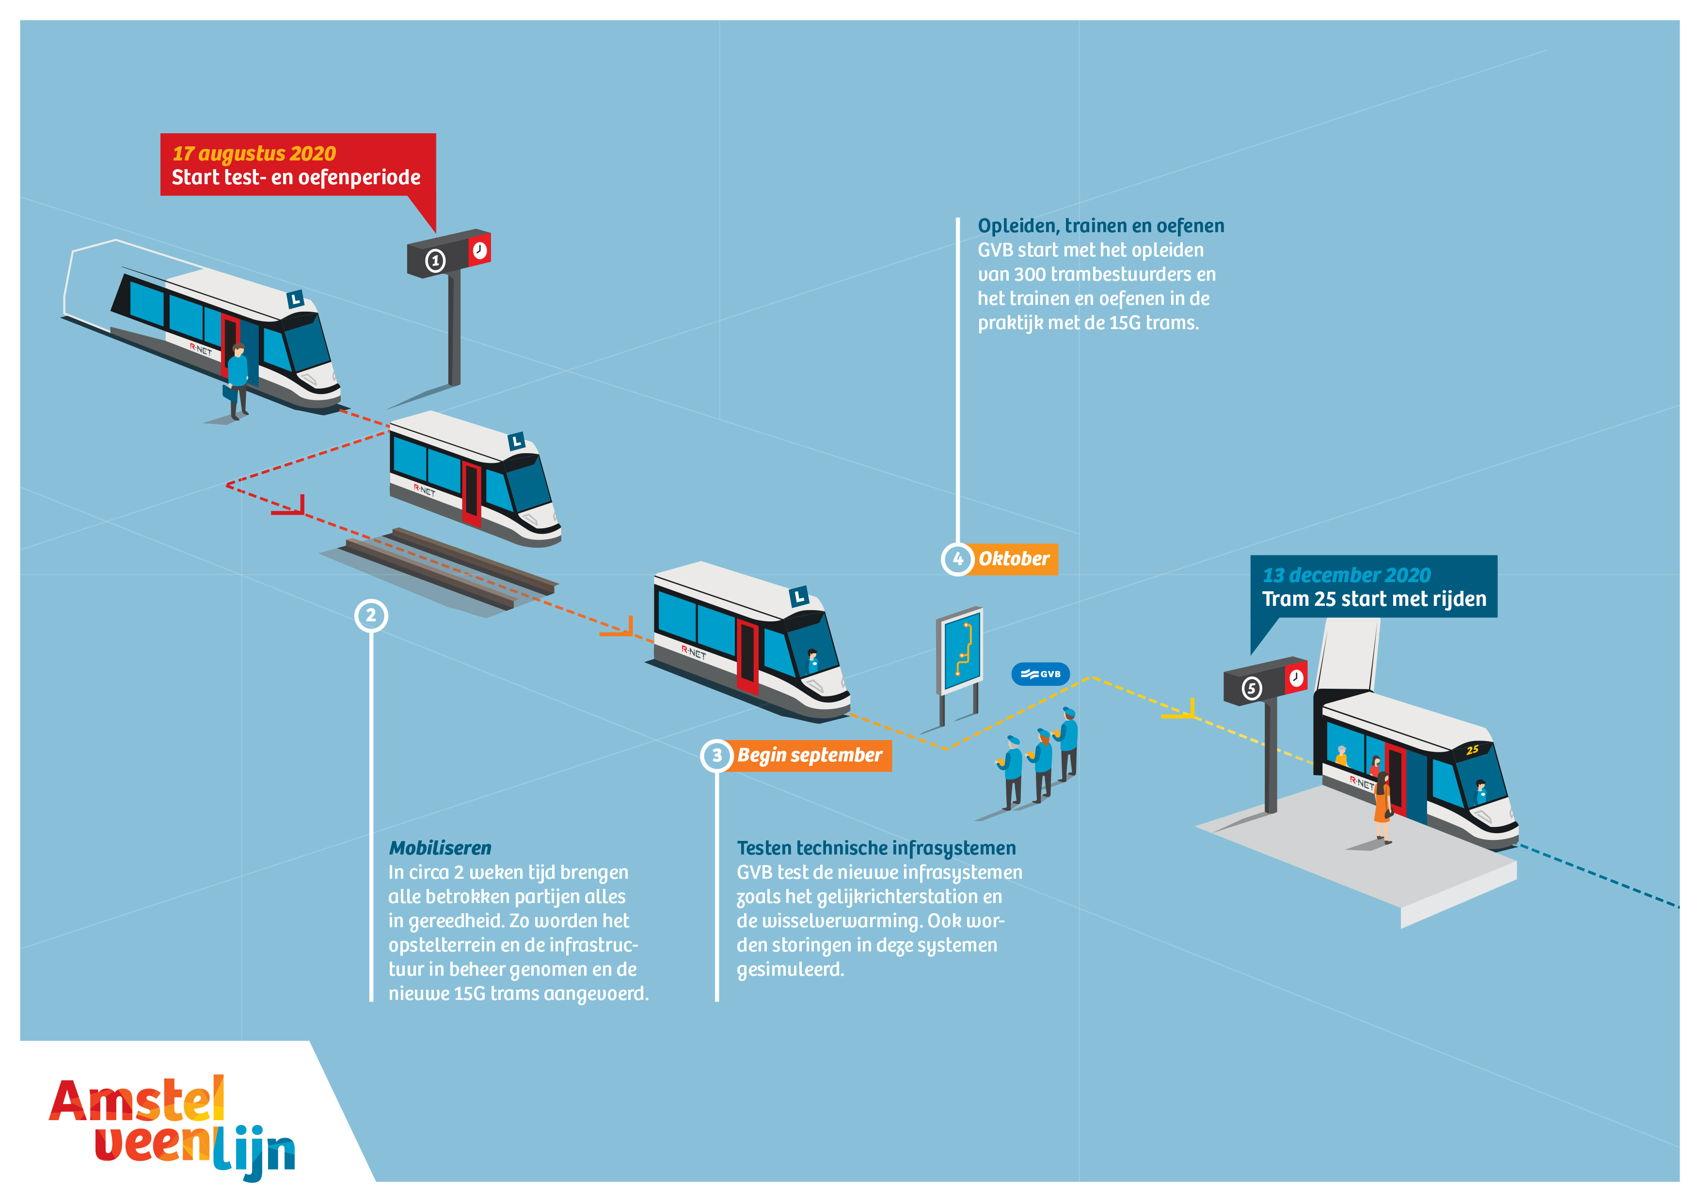 Op hoofdlijnen ziet de test- en oefenperiode er zo uit. Komende maand worden de technische infrasystemen door GVB getest. En in oktober start GVB met het opleiden van de trambestuurders en het testen en oefenen in de praktijk met de 15G trams. Op 13 december 2020 wordt tram 25 dan in gebruik genomen.